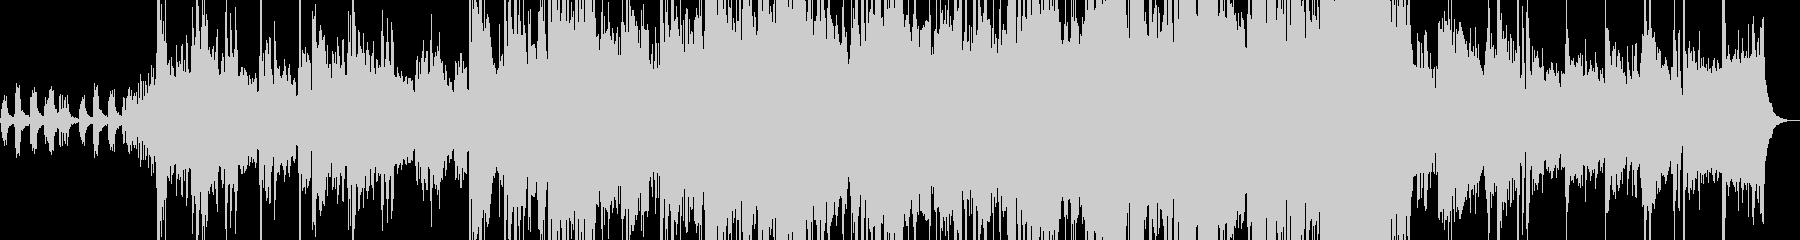 ストリングスが印象的な劇版曲の未再生の波形